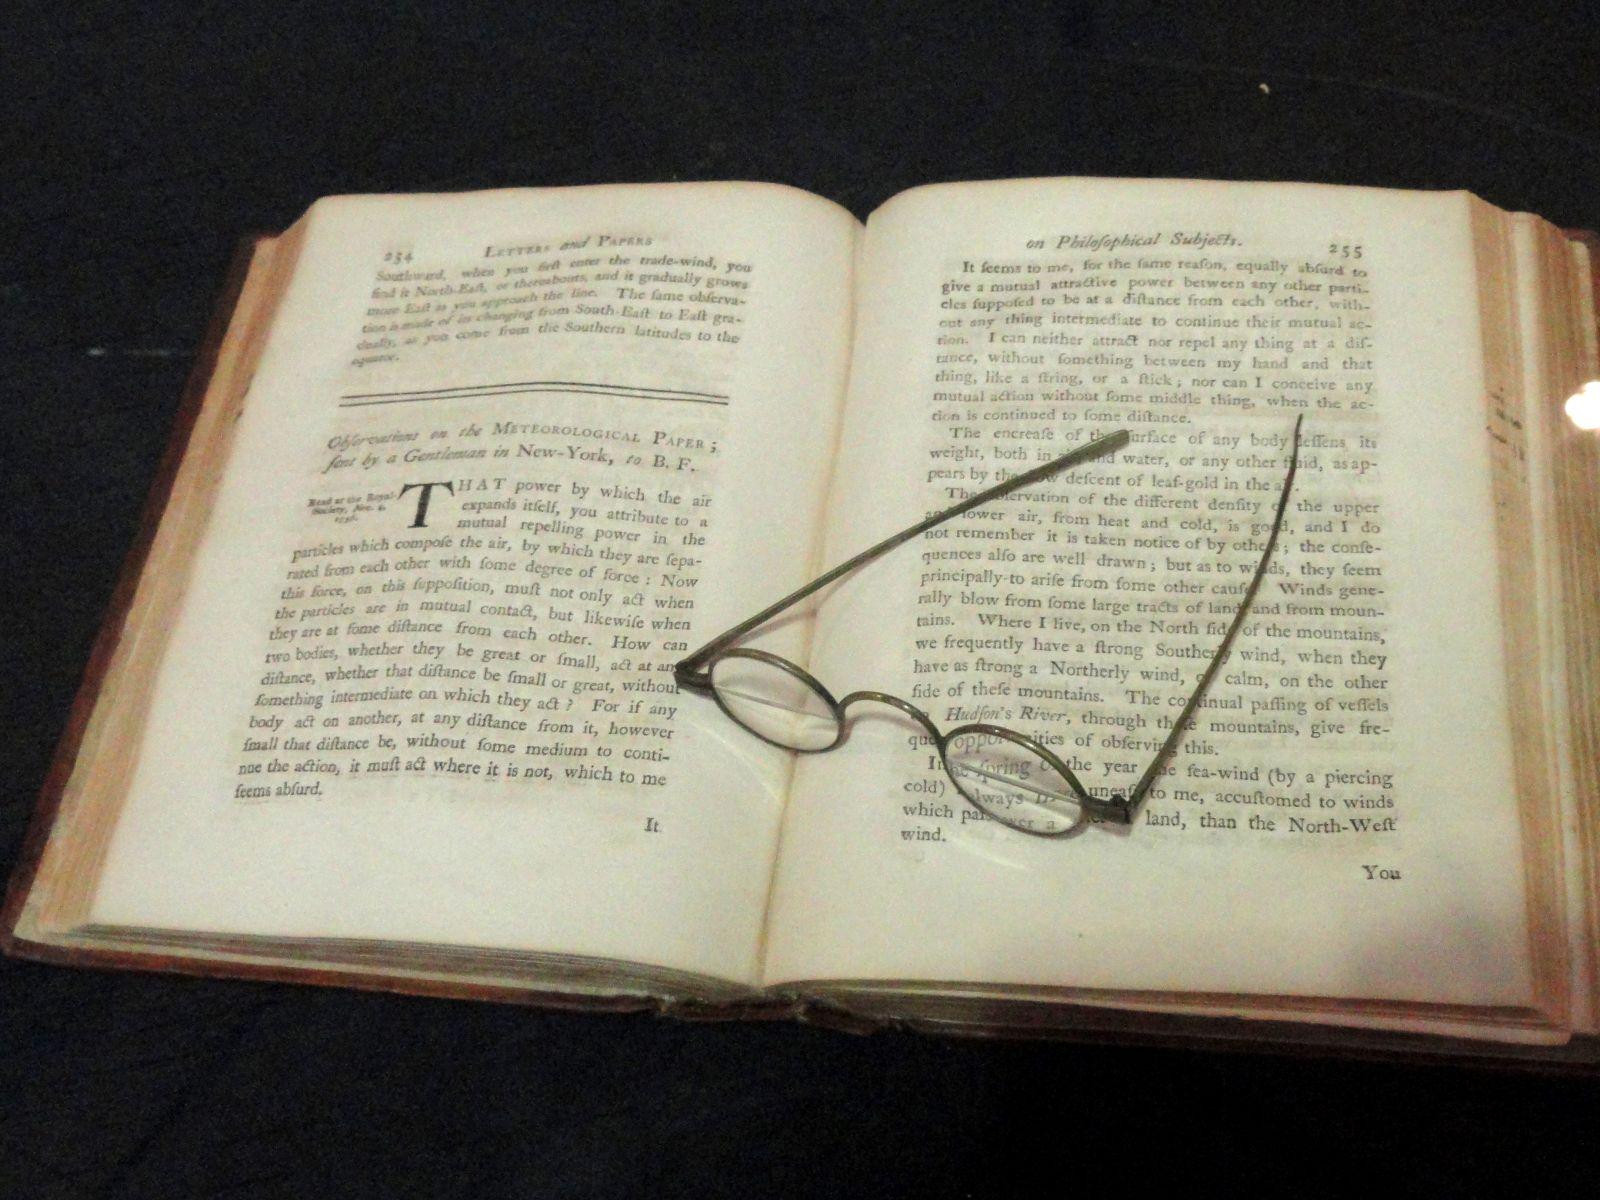 Bifocals by Benjamin Franklin.